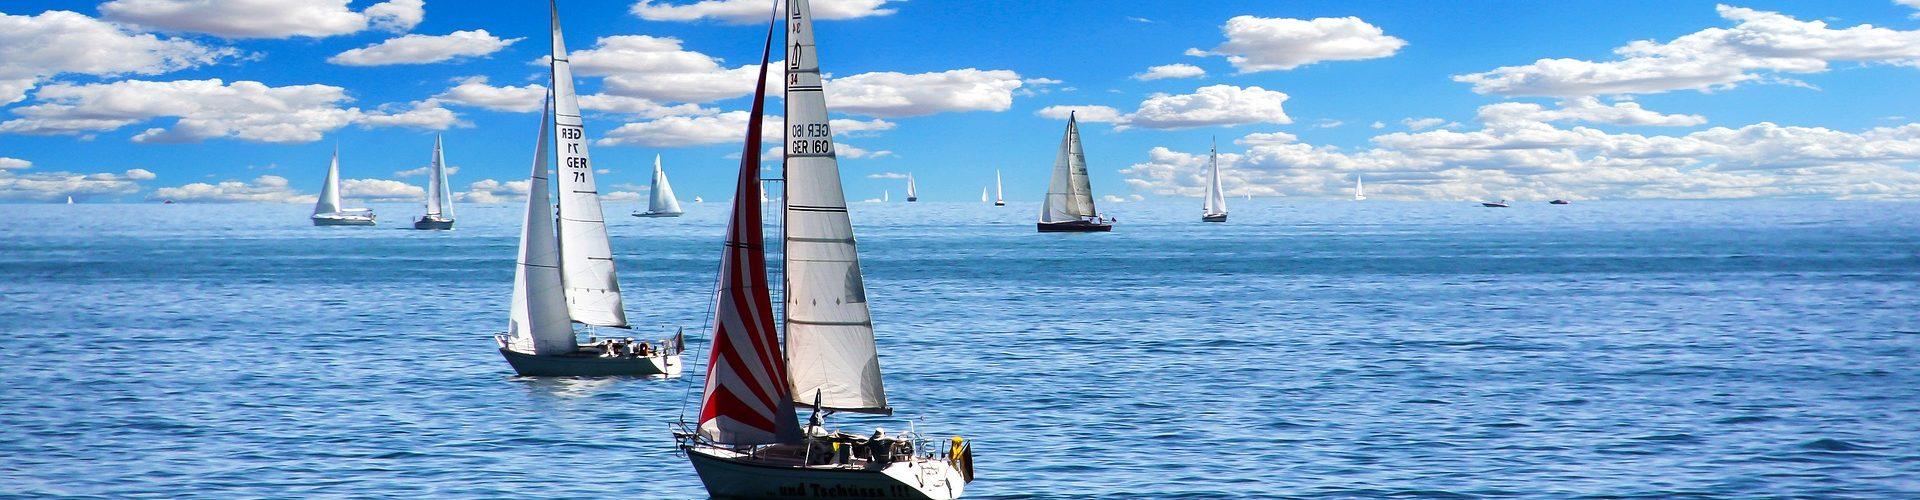 segeln lernen in Augsburg segelschein machen in Augsburg 1920x500 - Segeln lernen in Augsburg